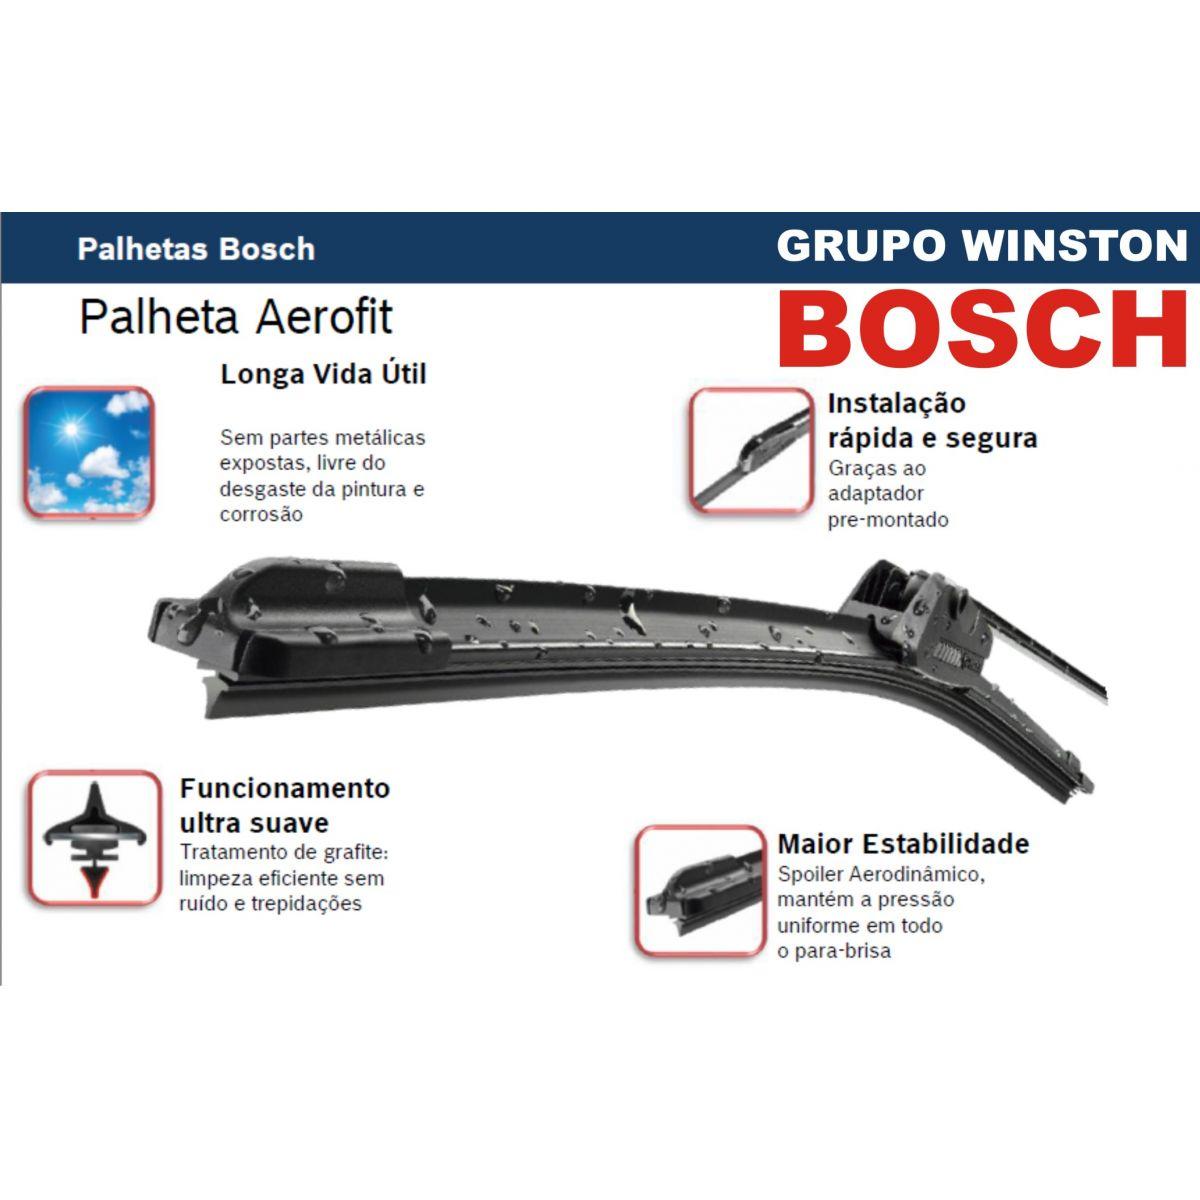 Palheta Bosch Aerofit Limpador de para brisa Bosch HONDA Accord 1999 até 2003